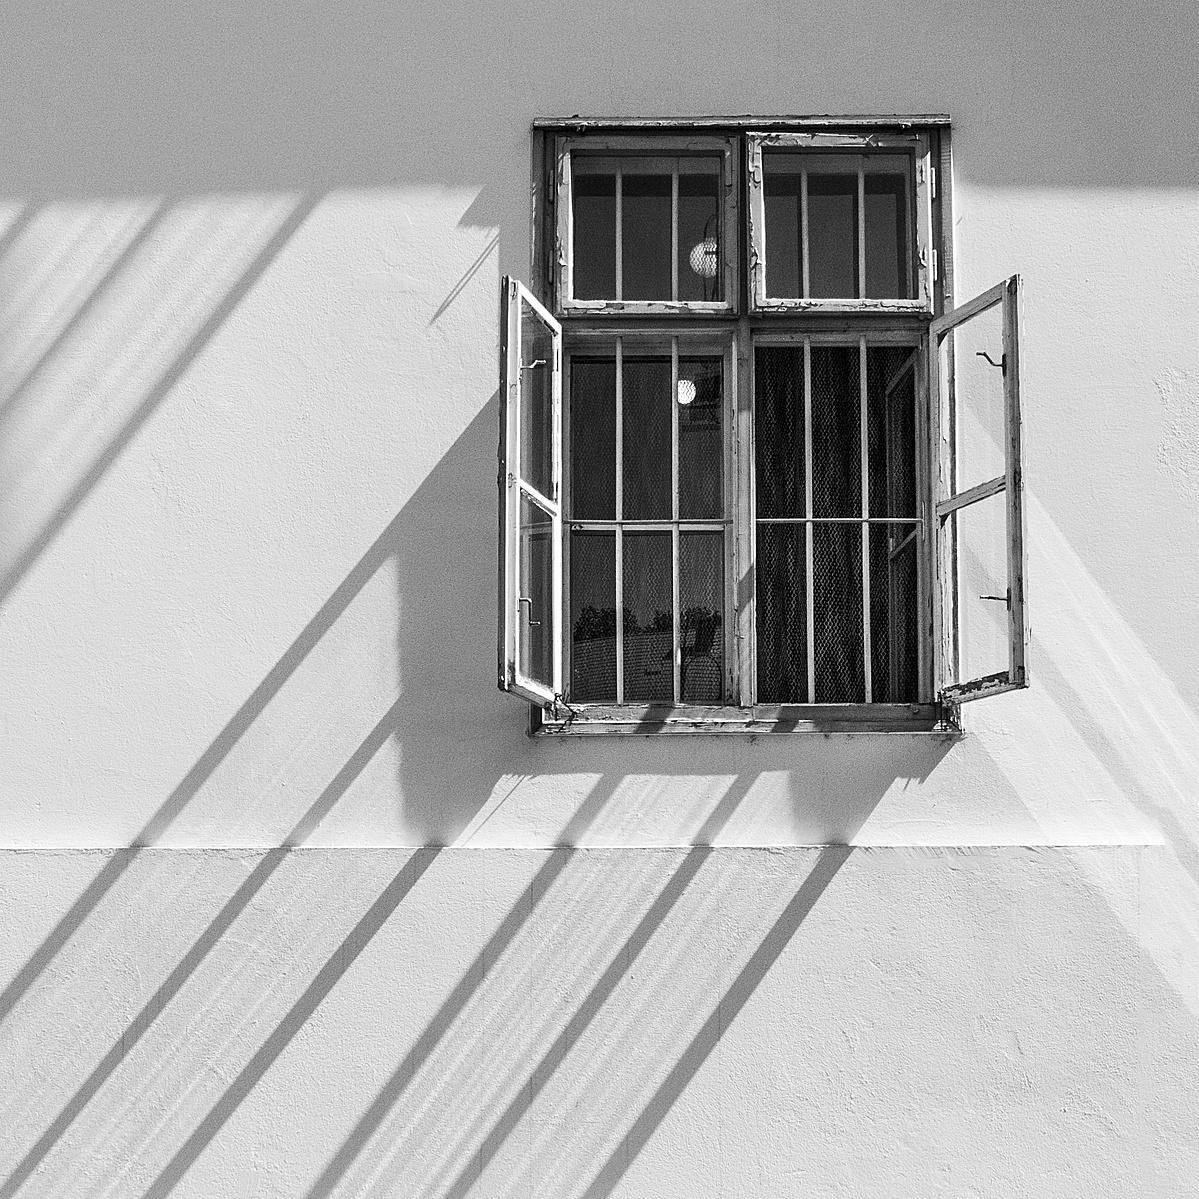 Téma az ablakban